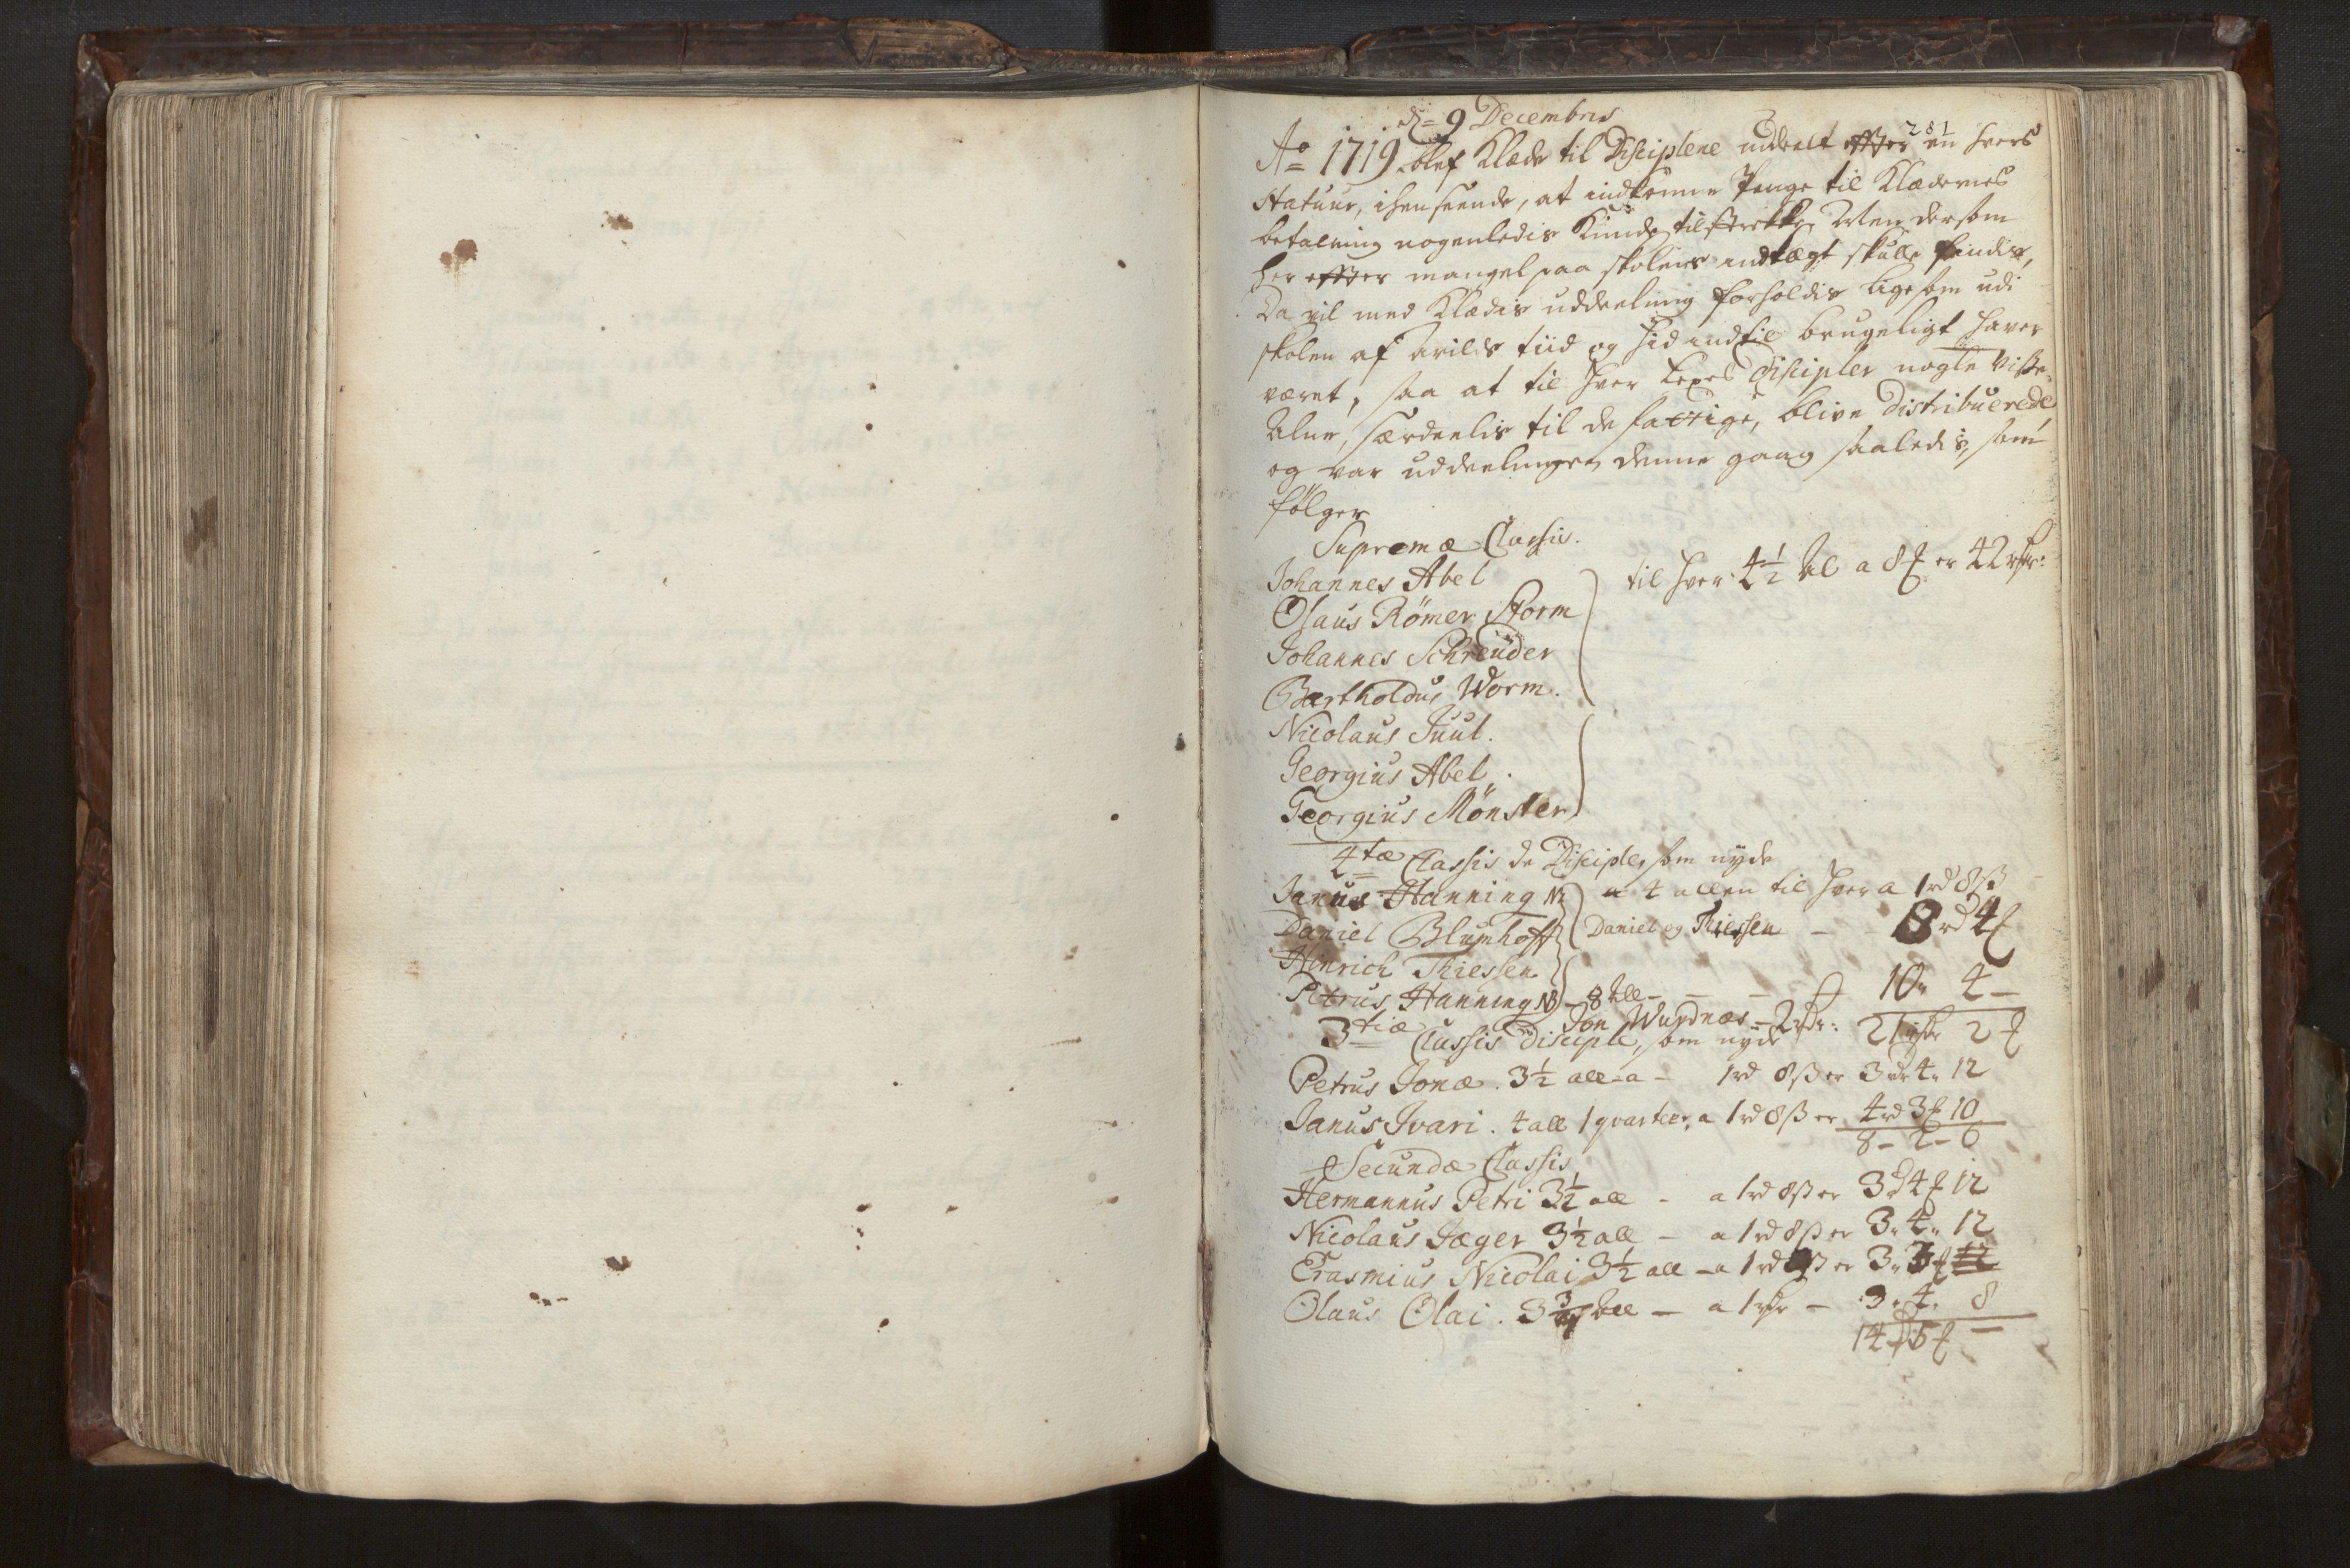 SAB, Bjørgvin biskop, Ga/L0014: Jordebøker for geistleg gods og andre rekneskapsprotokollar, 1609-1737, s. 280b-281a